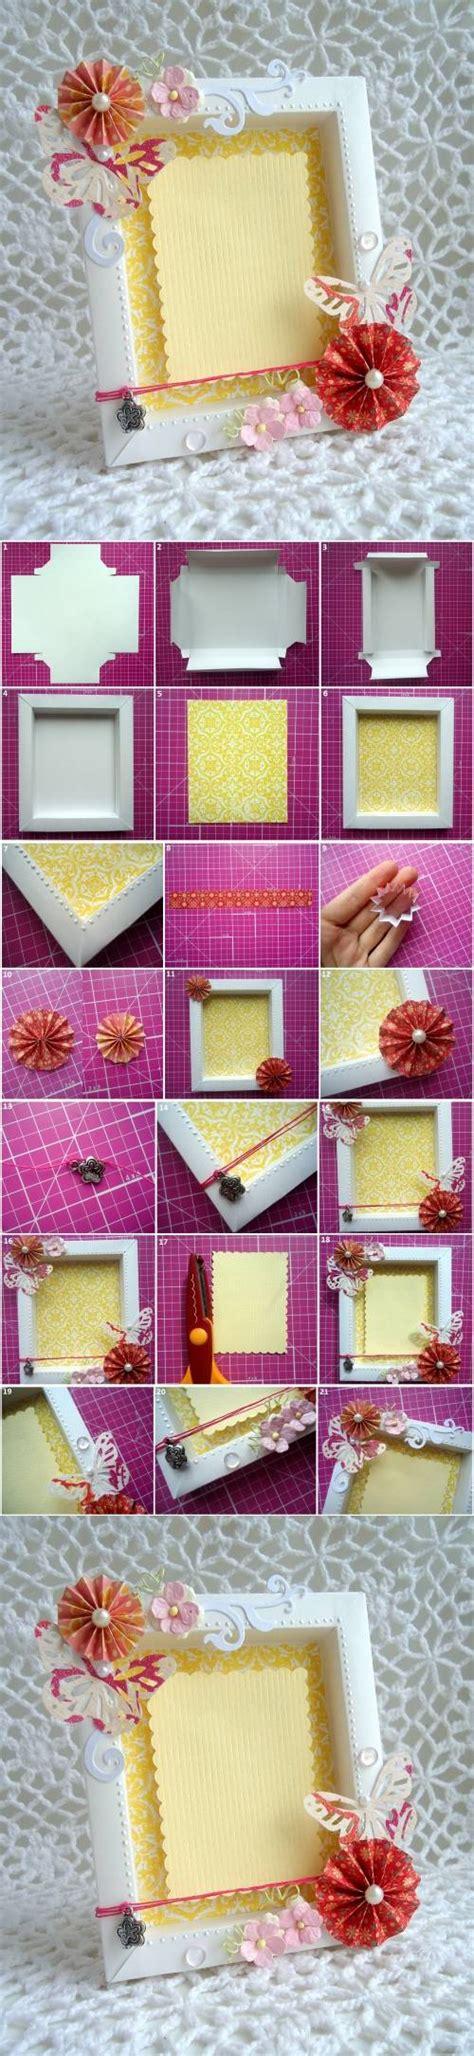 picture frame design diy diy cool picture frame designs diy projects usefuldiy com